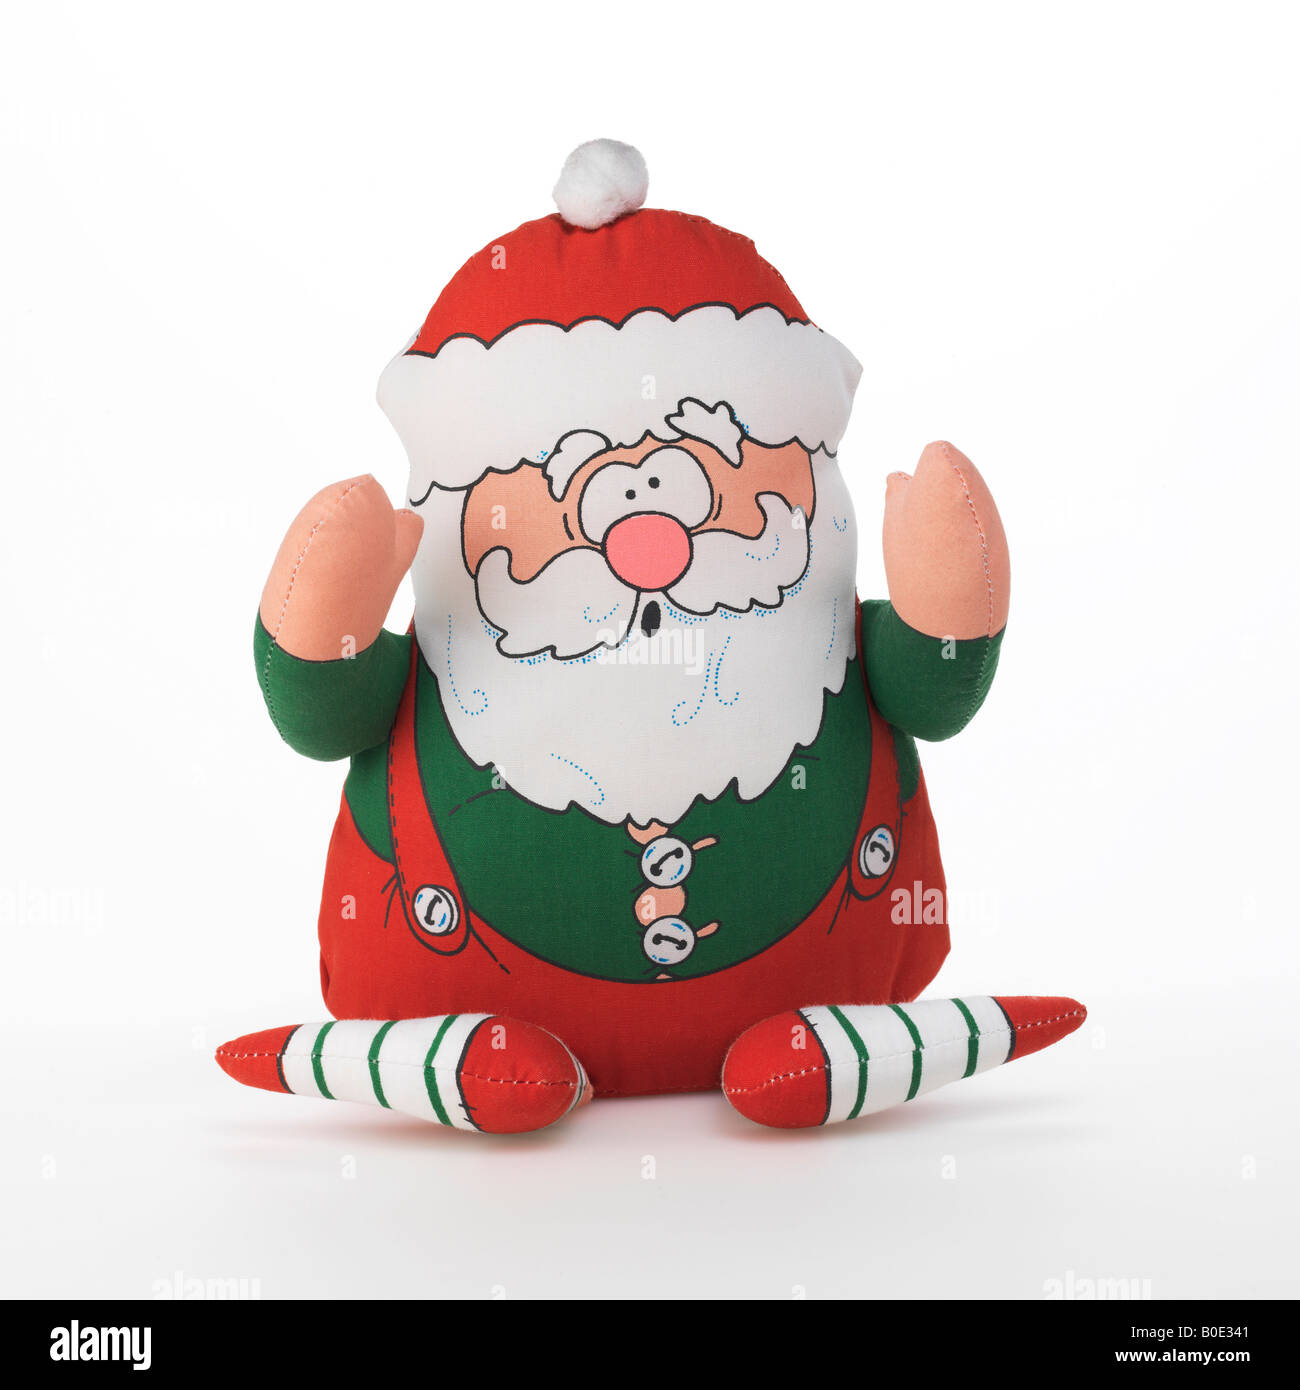 Santa Claus elf - Stock Image